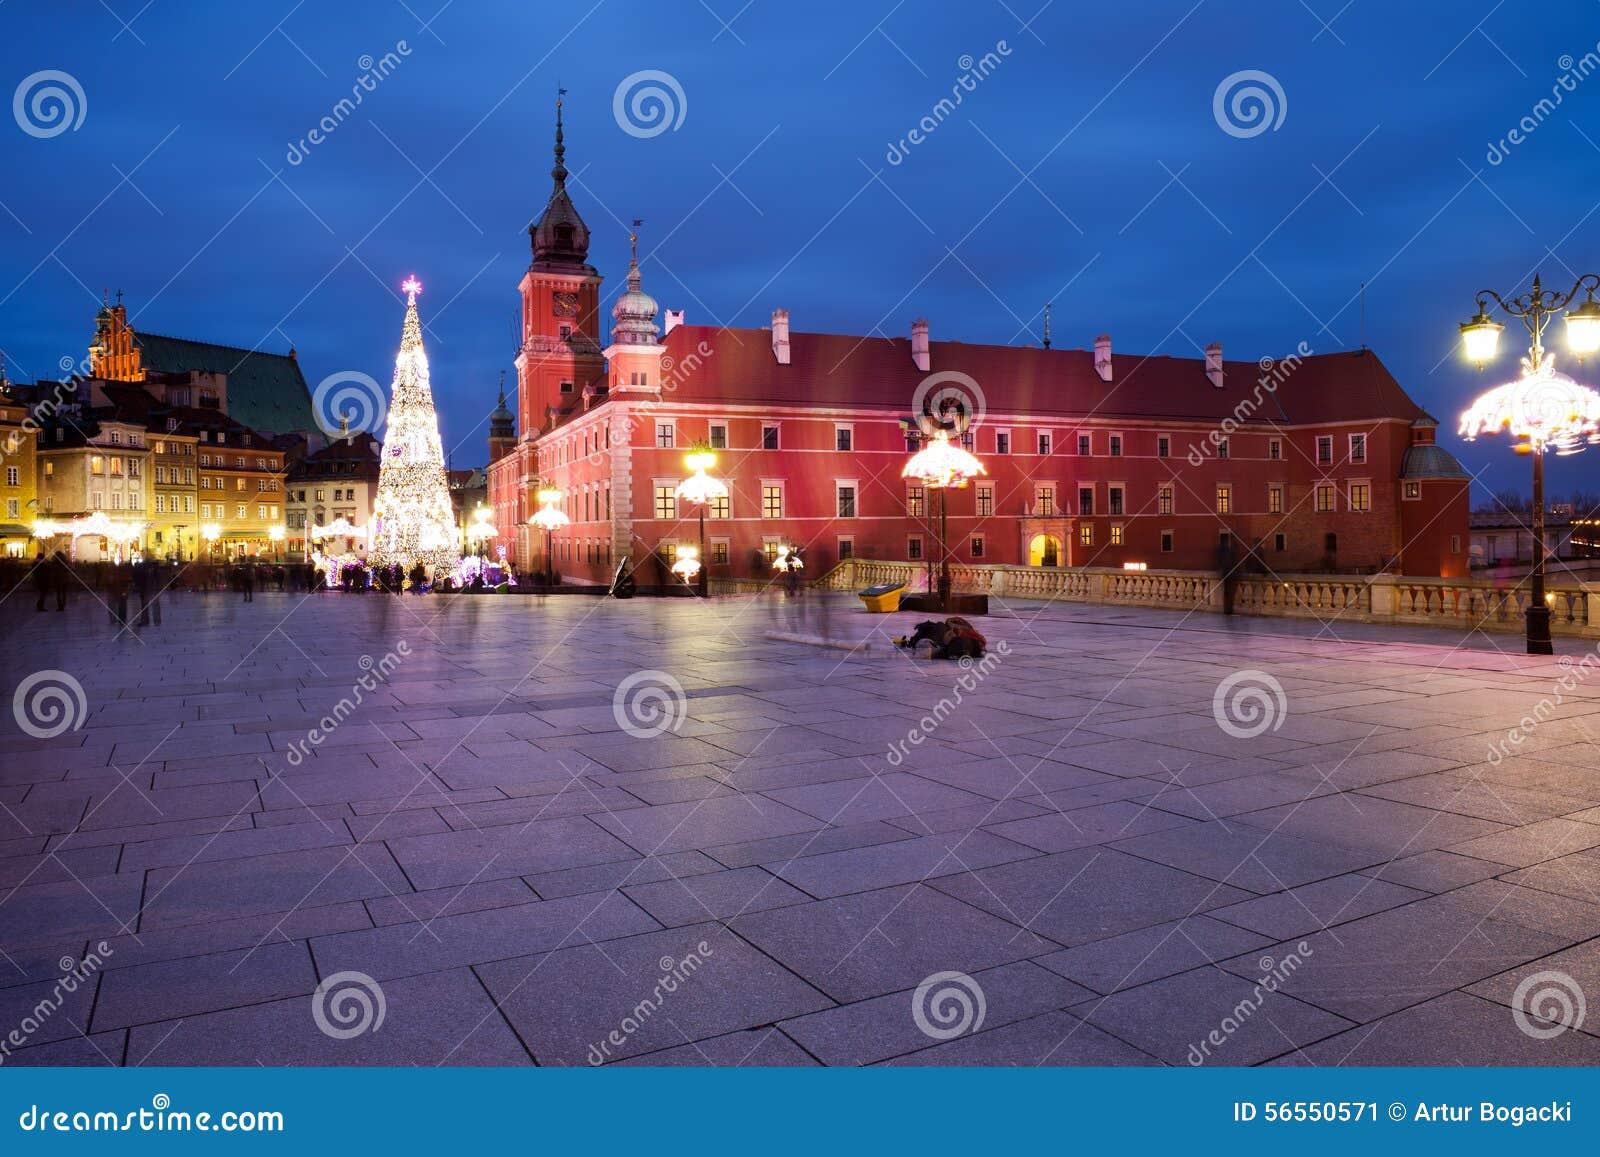 Download Βασιλική πλατεία του Castle τή νύχτα στη Βαρσοβία Στοκ Εικόνα - εικόνα από νύχτα, κάστρο: 56550571